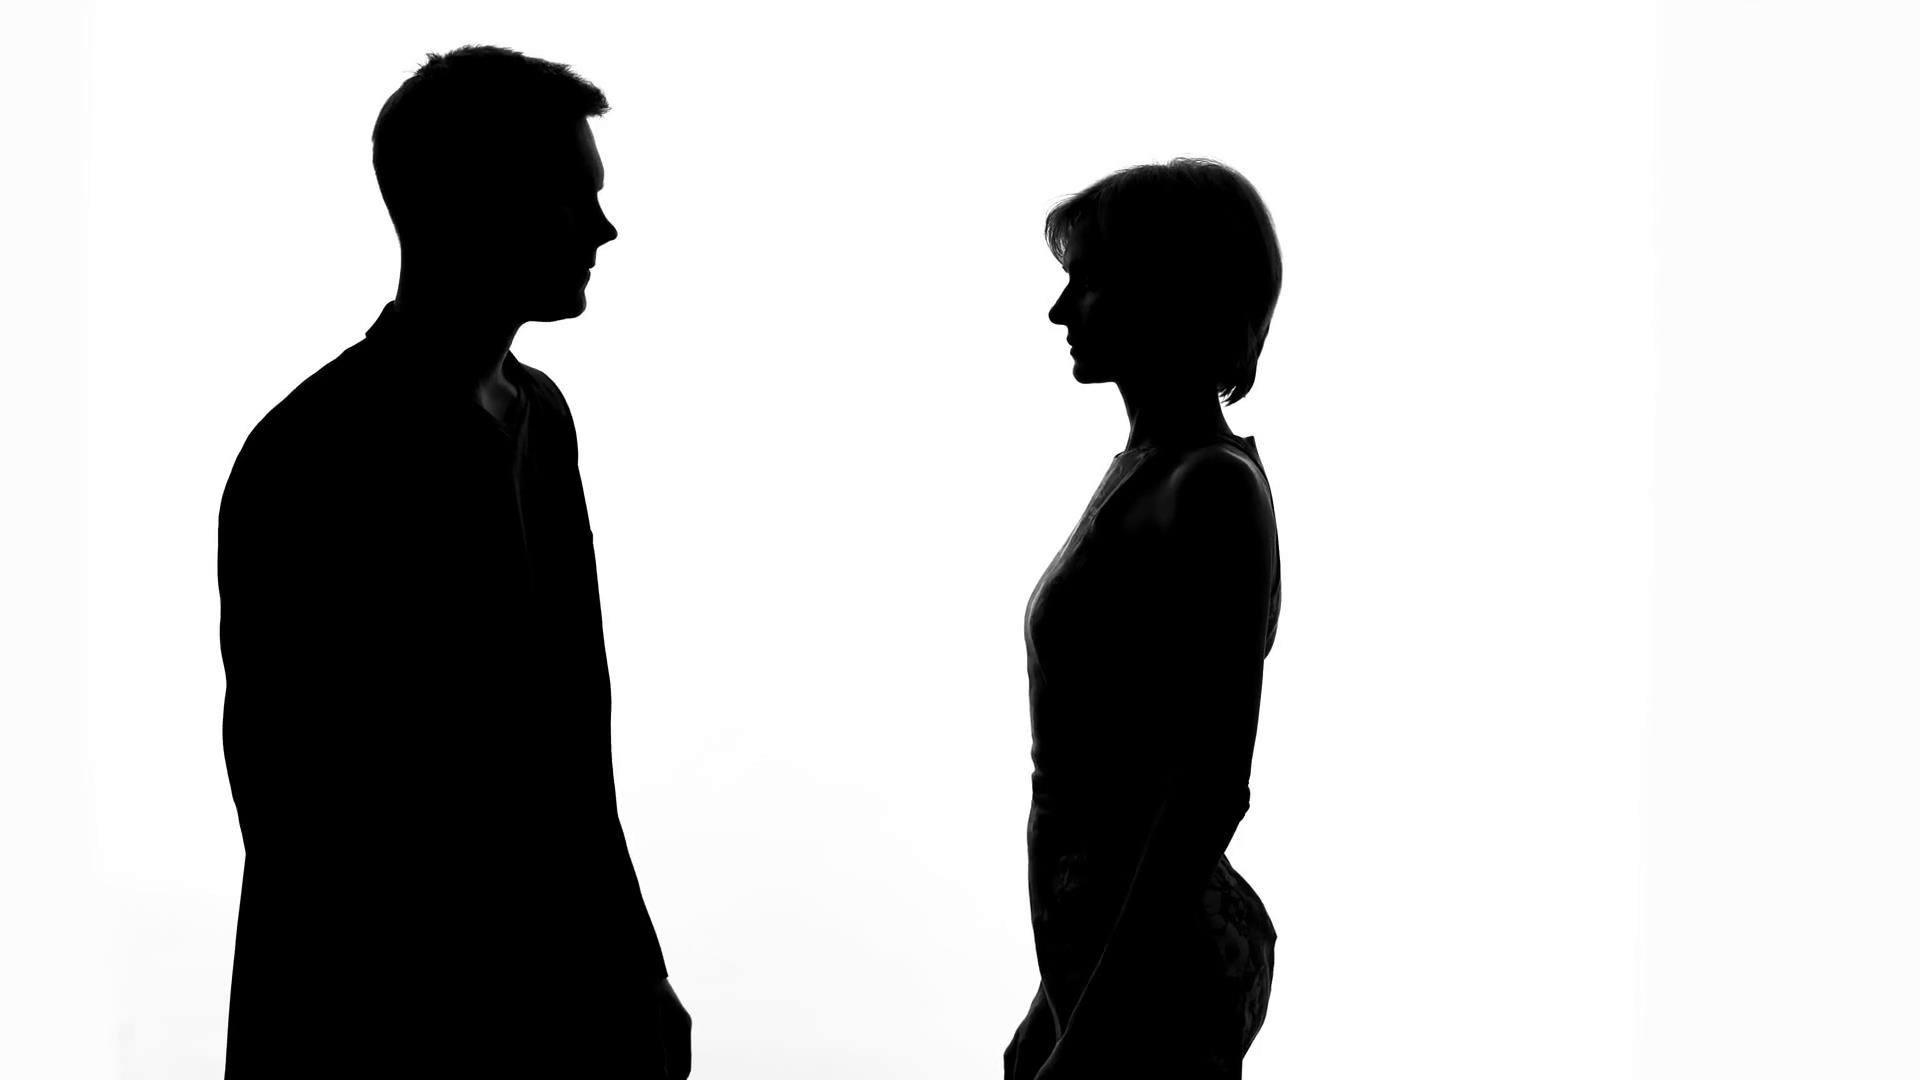 تفسير حلم خروج المرأة من بيت زوجها وابتعادها عنه وترك البيت وزعلها زيادة